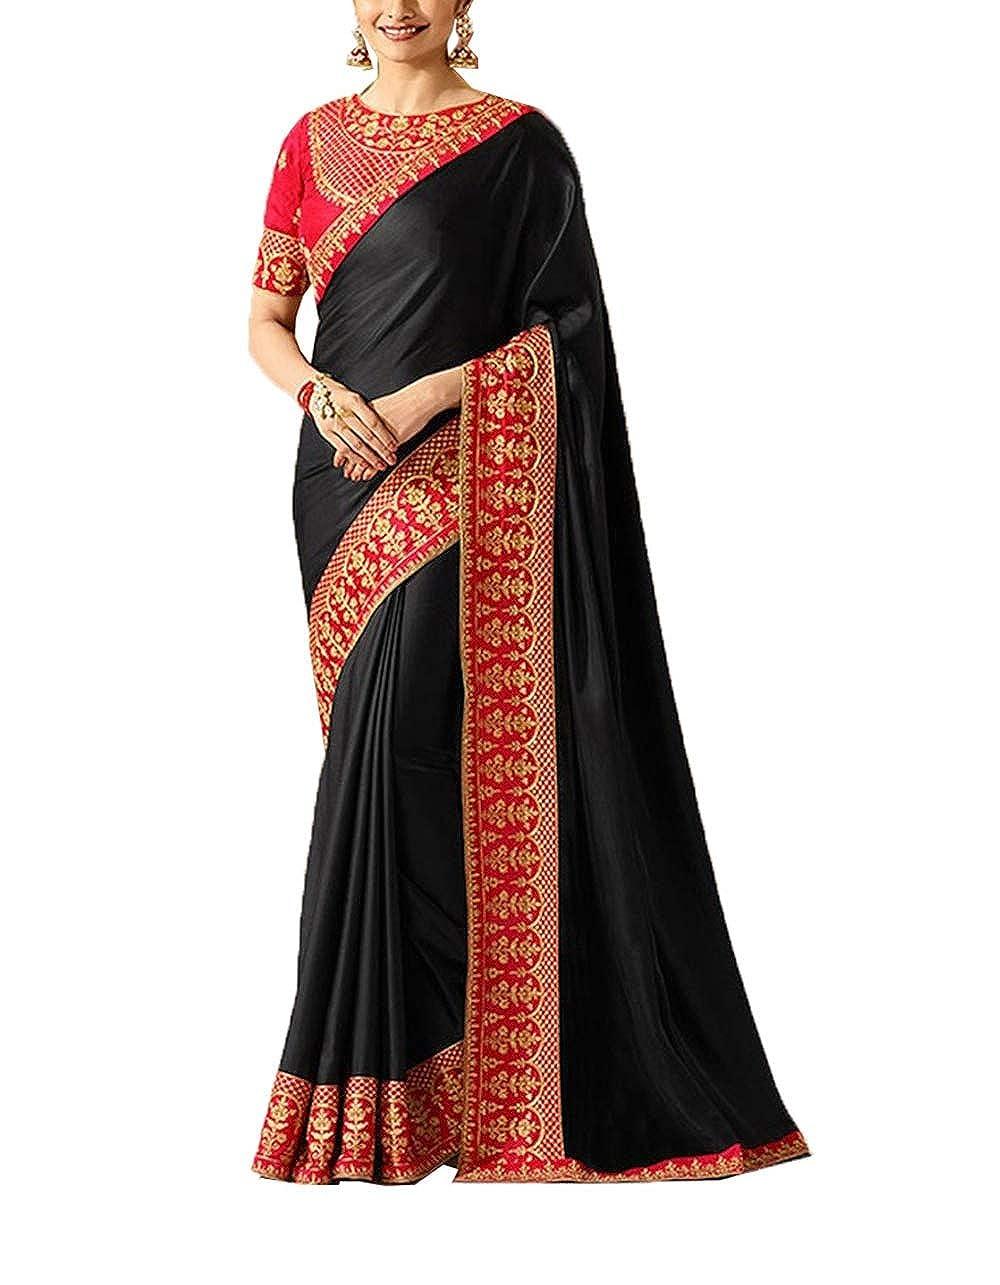 Da Facioun Women's Sparkle Silk Embroidery Saree (Black & Red)